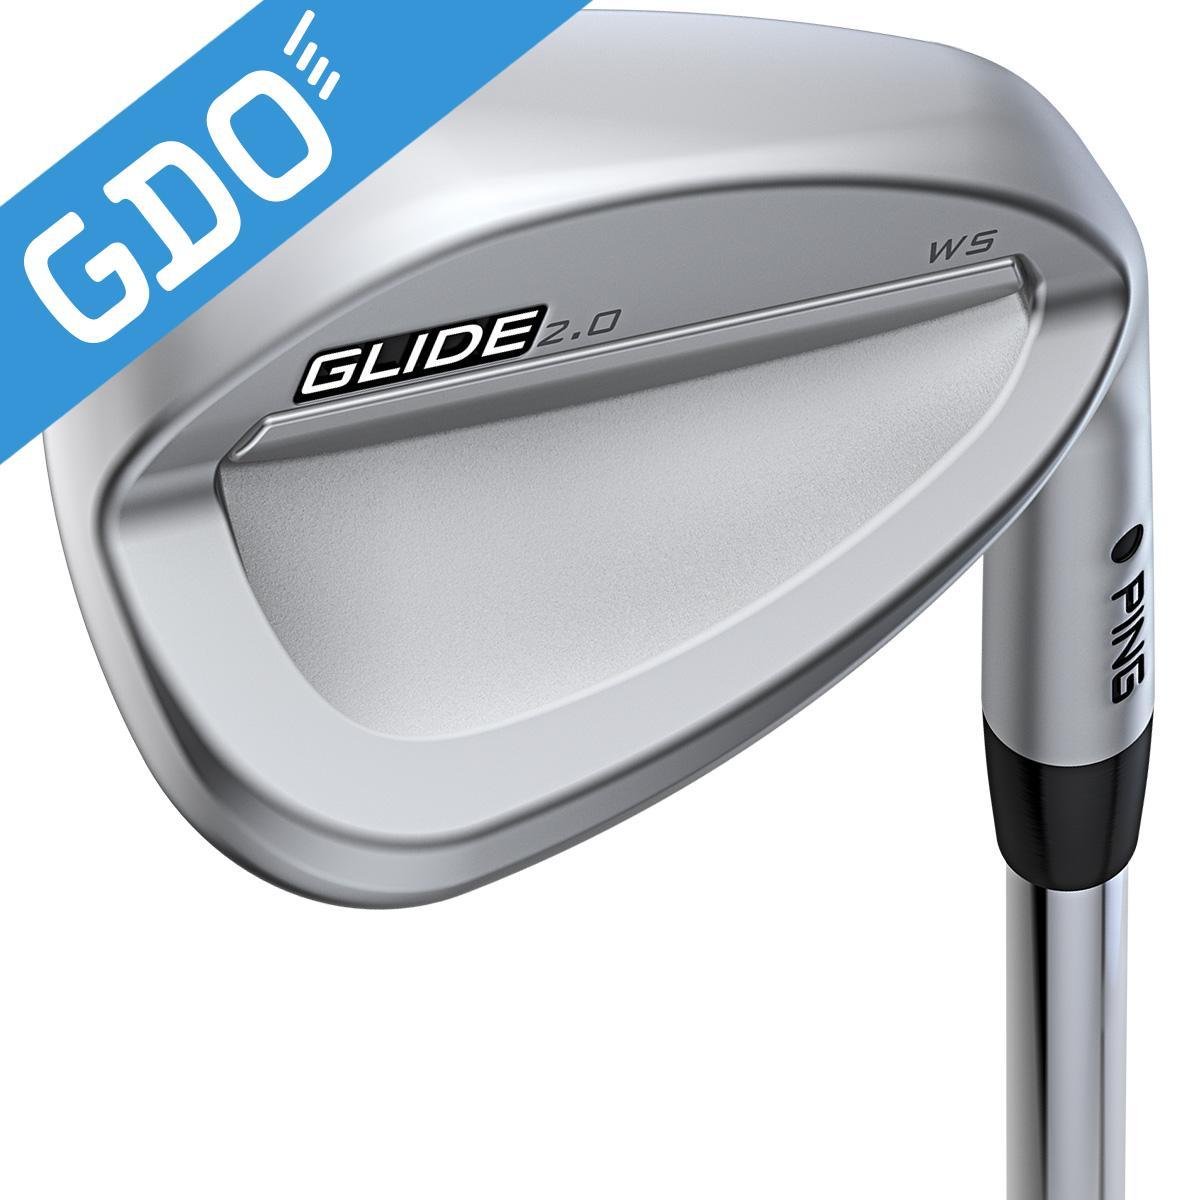 ピン GLIDE GLIDE 2.0 ウェッジ WS ダイナミックゴールド S200 シャフト:ダイナミックゴールド S200